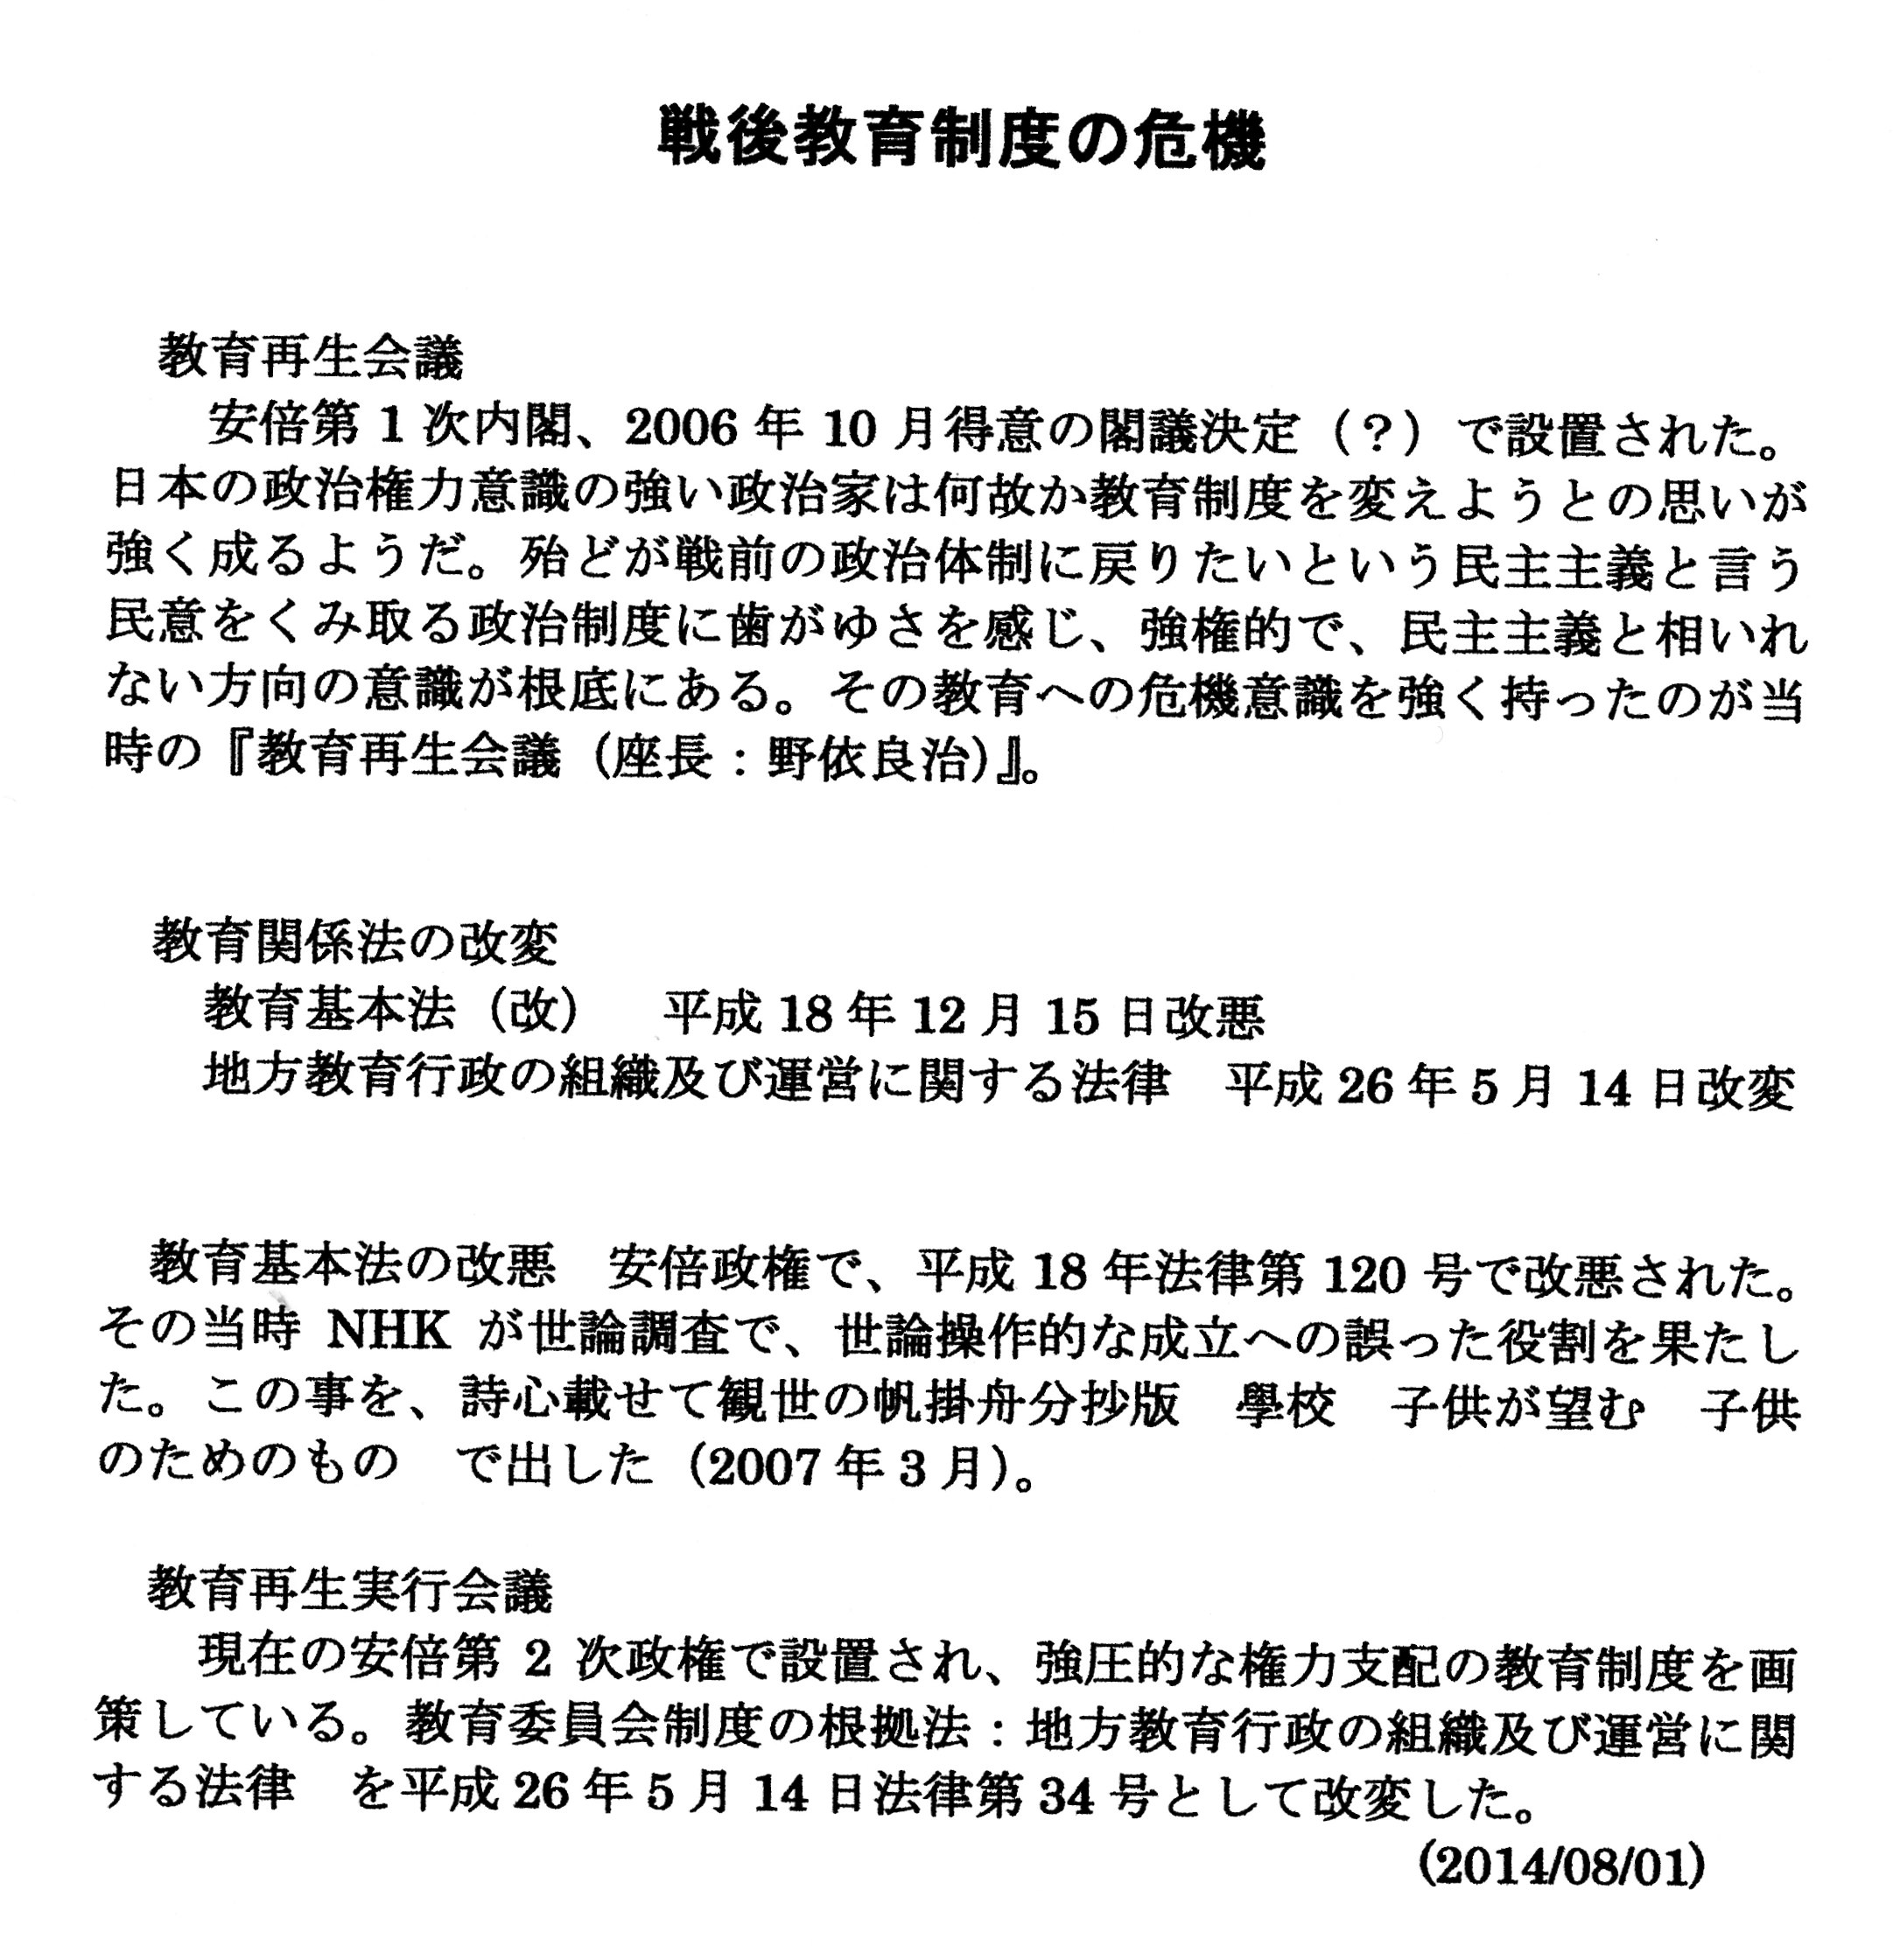 教育委員會制度 | Yoshihiraのスペース